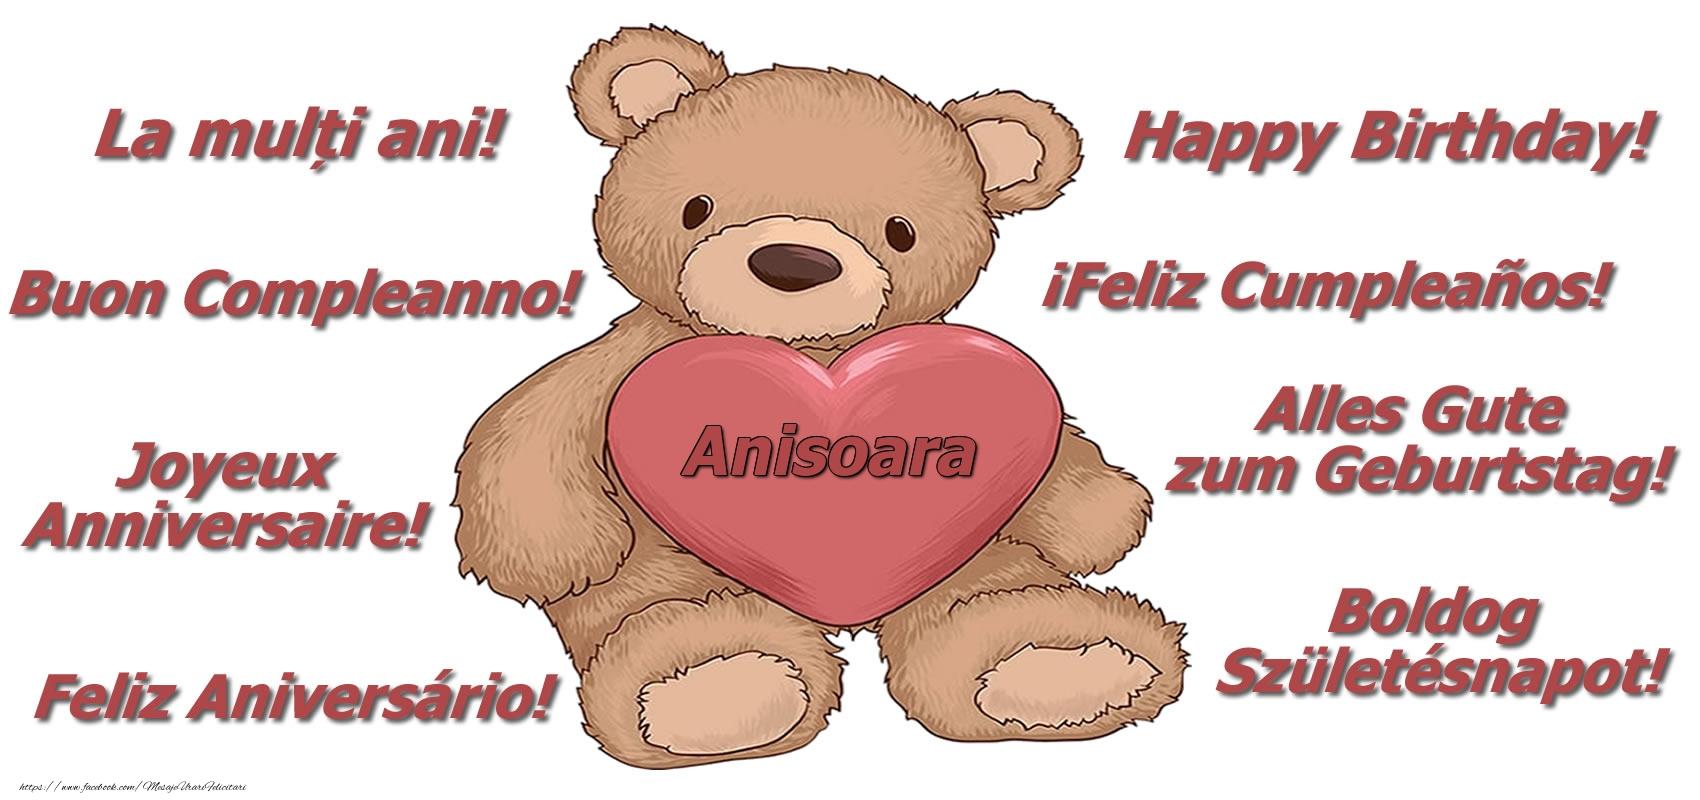 Felicitari de zi de nastere - La multi ani Anisoara! - Ursulet